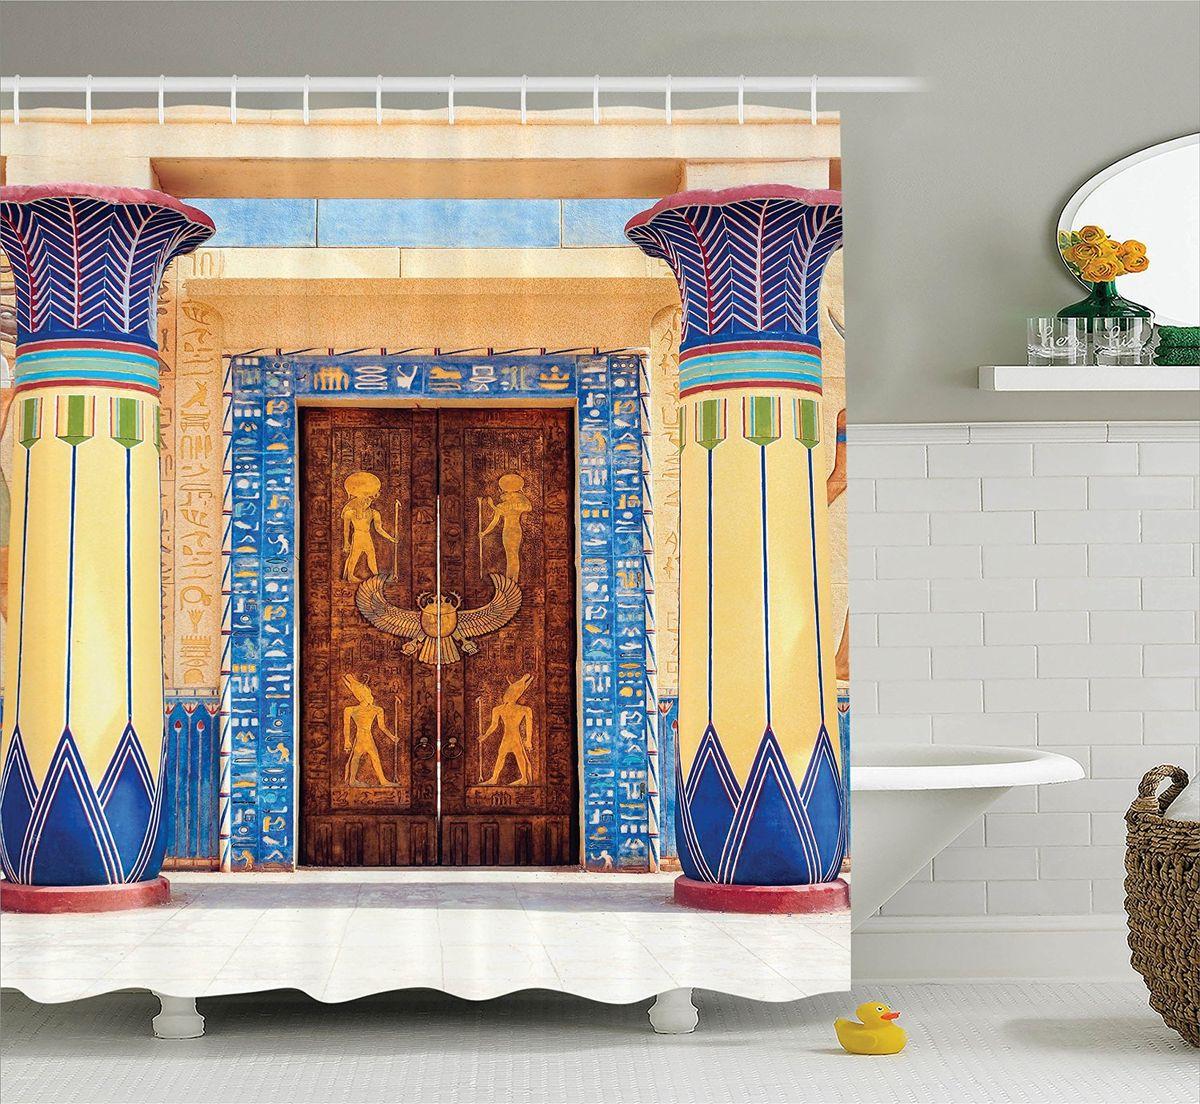 Штора для ванной комнаты Magic Lady Двери в египетском стиле, 180 х 200 см391602Штора Magic Lady Двери в египетском стиле, изготовленная из высококачественного сатена (полиэстер 100%), отлично дополнит любой интерьер ванной комнаты. При изготовлении используются специальные гипоаллергенные чернила для прямой печати по ткани, безопасные для человека.В комплекте: 1 штора, 12 крючков. Обращаем ваше внимание, фактический цвет изделия может незначительно отличаться от представленного на фото.